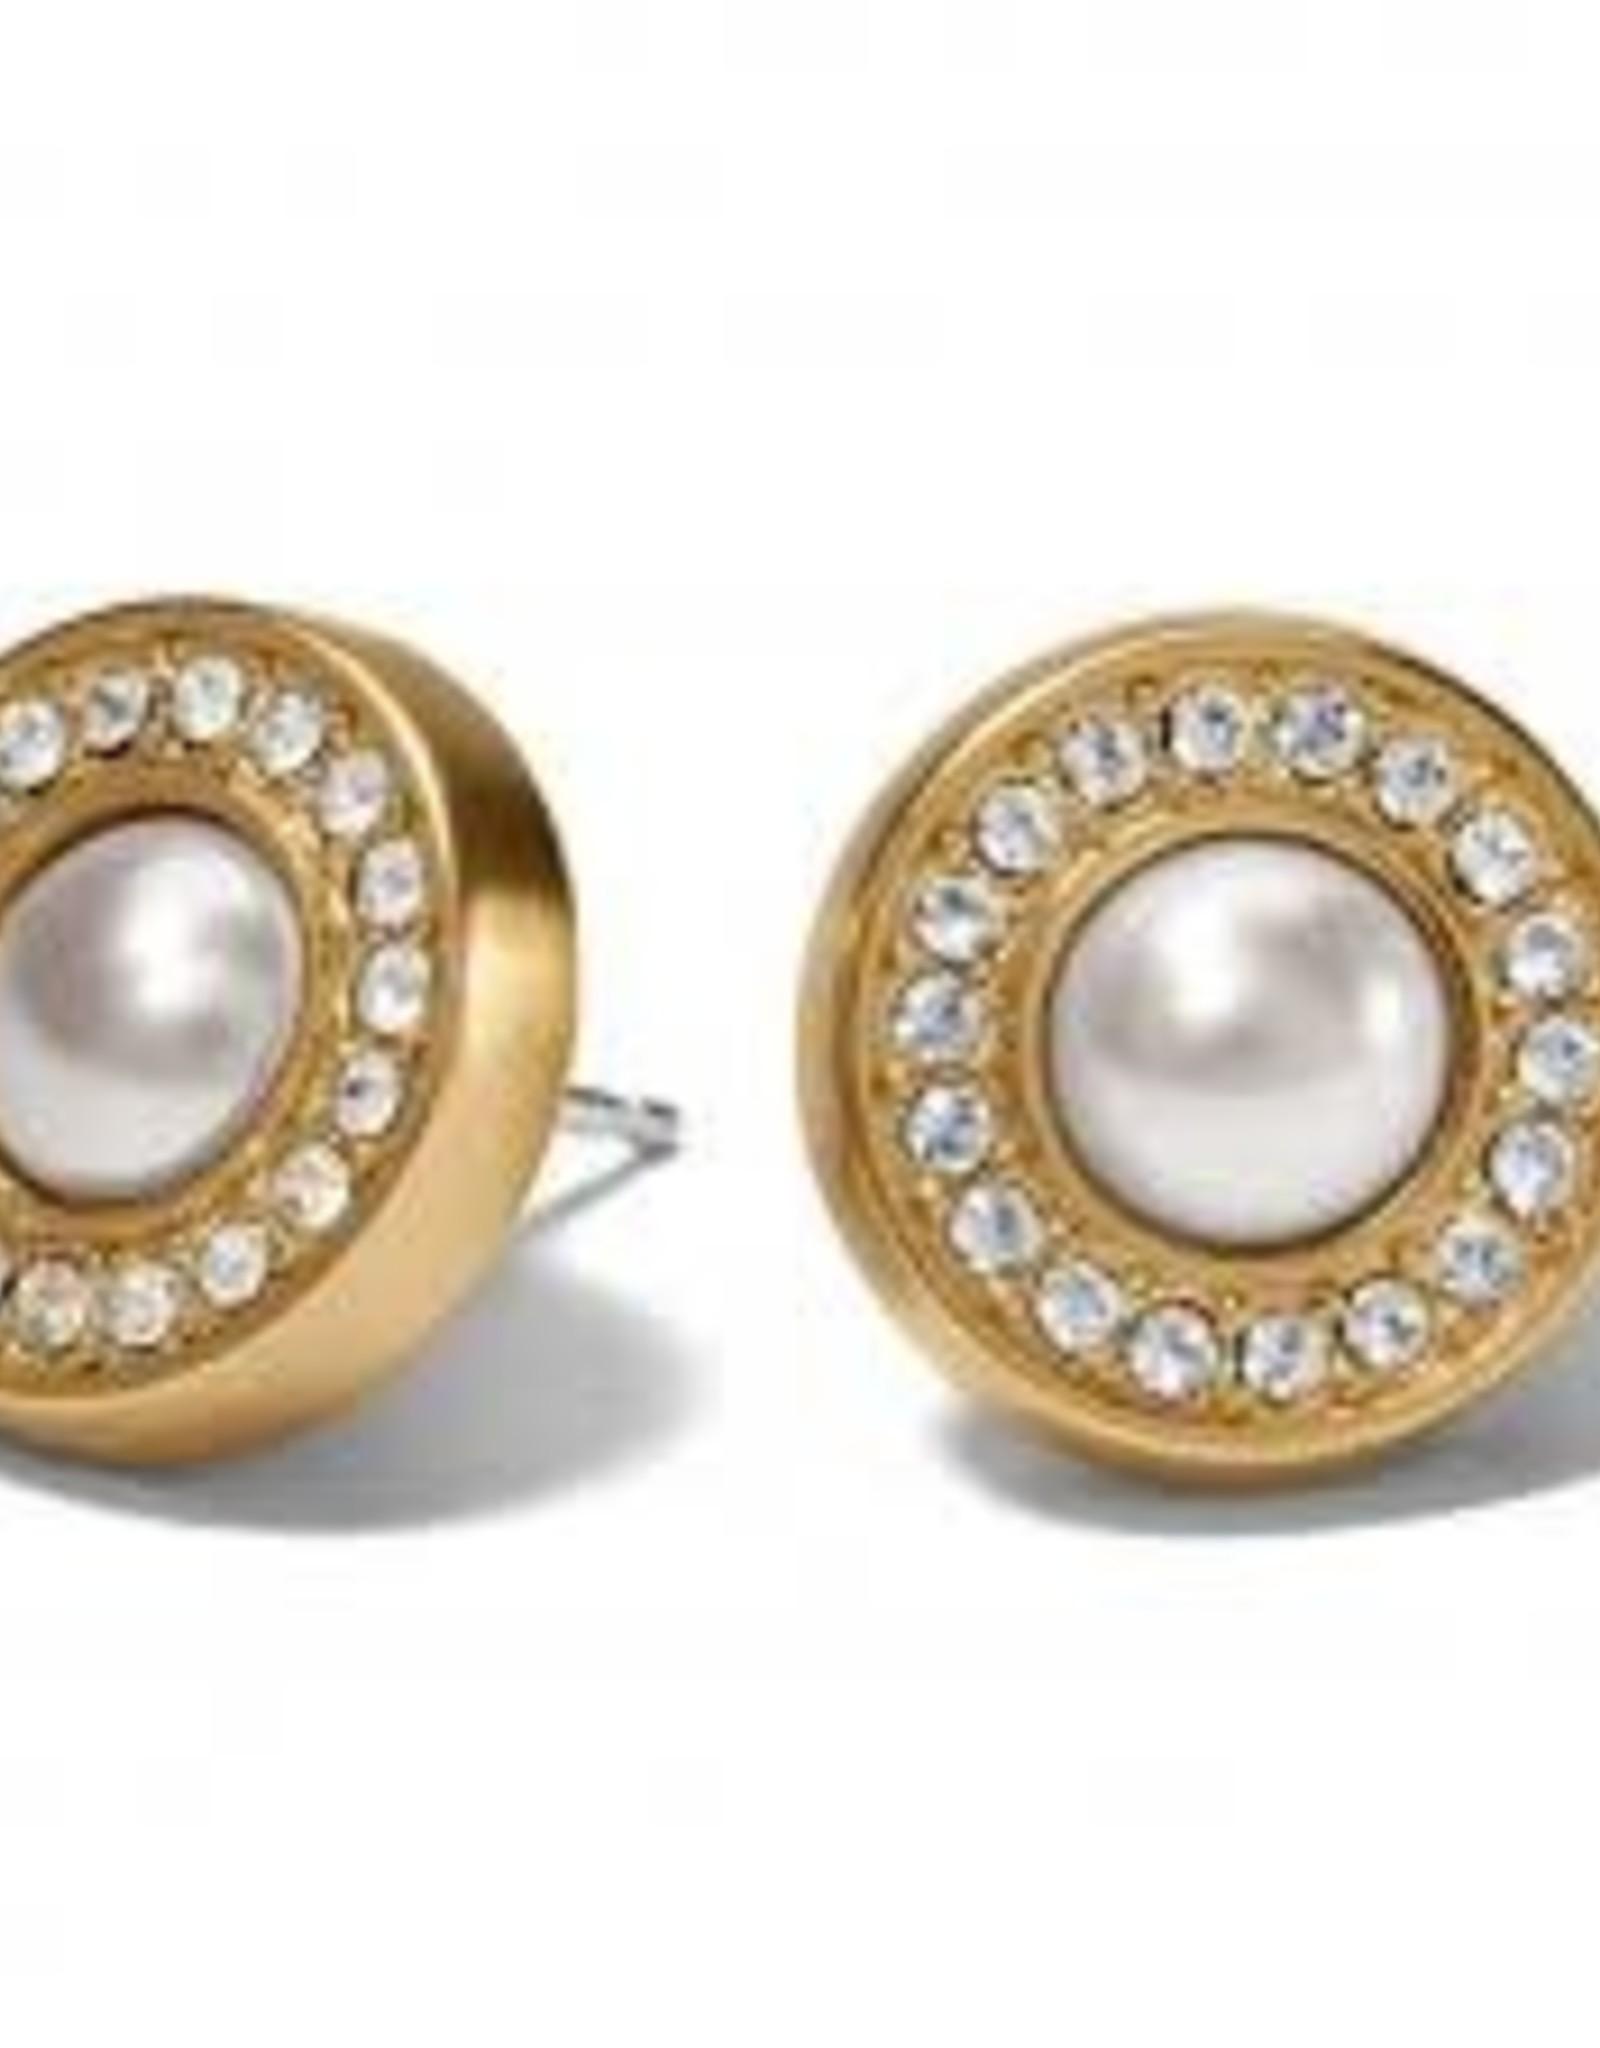 Brighton Brighton Meridian Pearl Post Earrings Gold